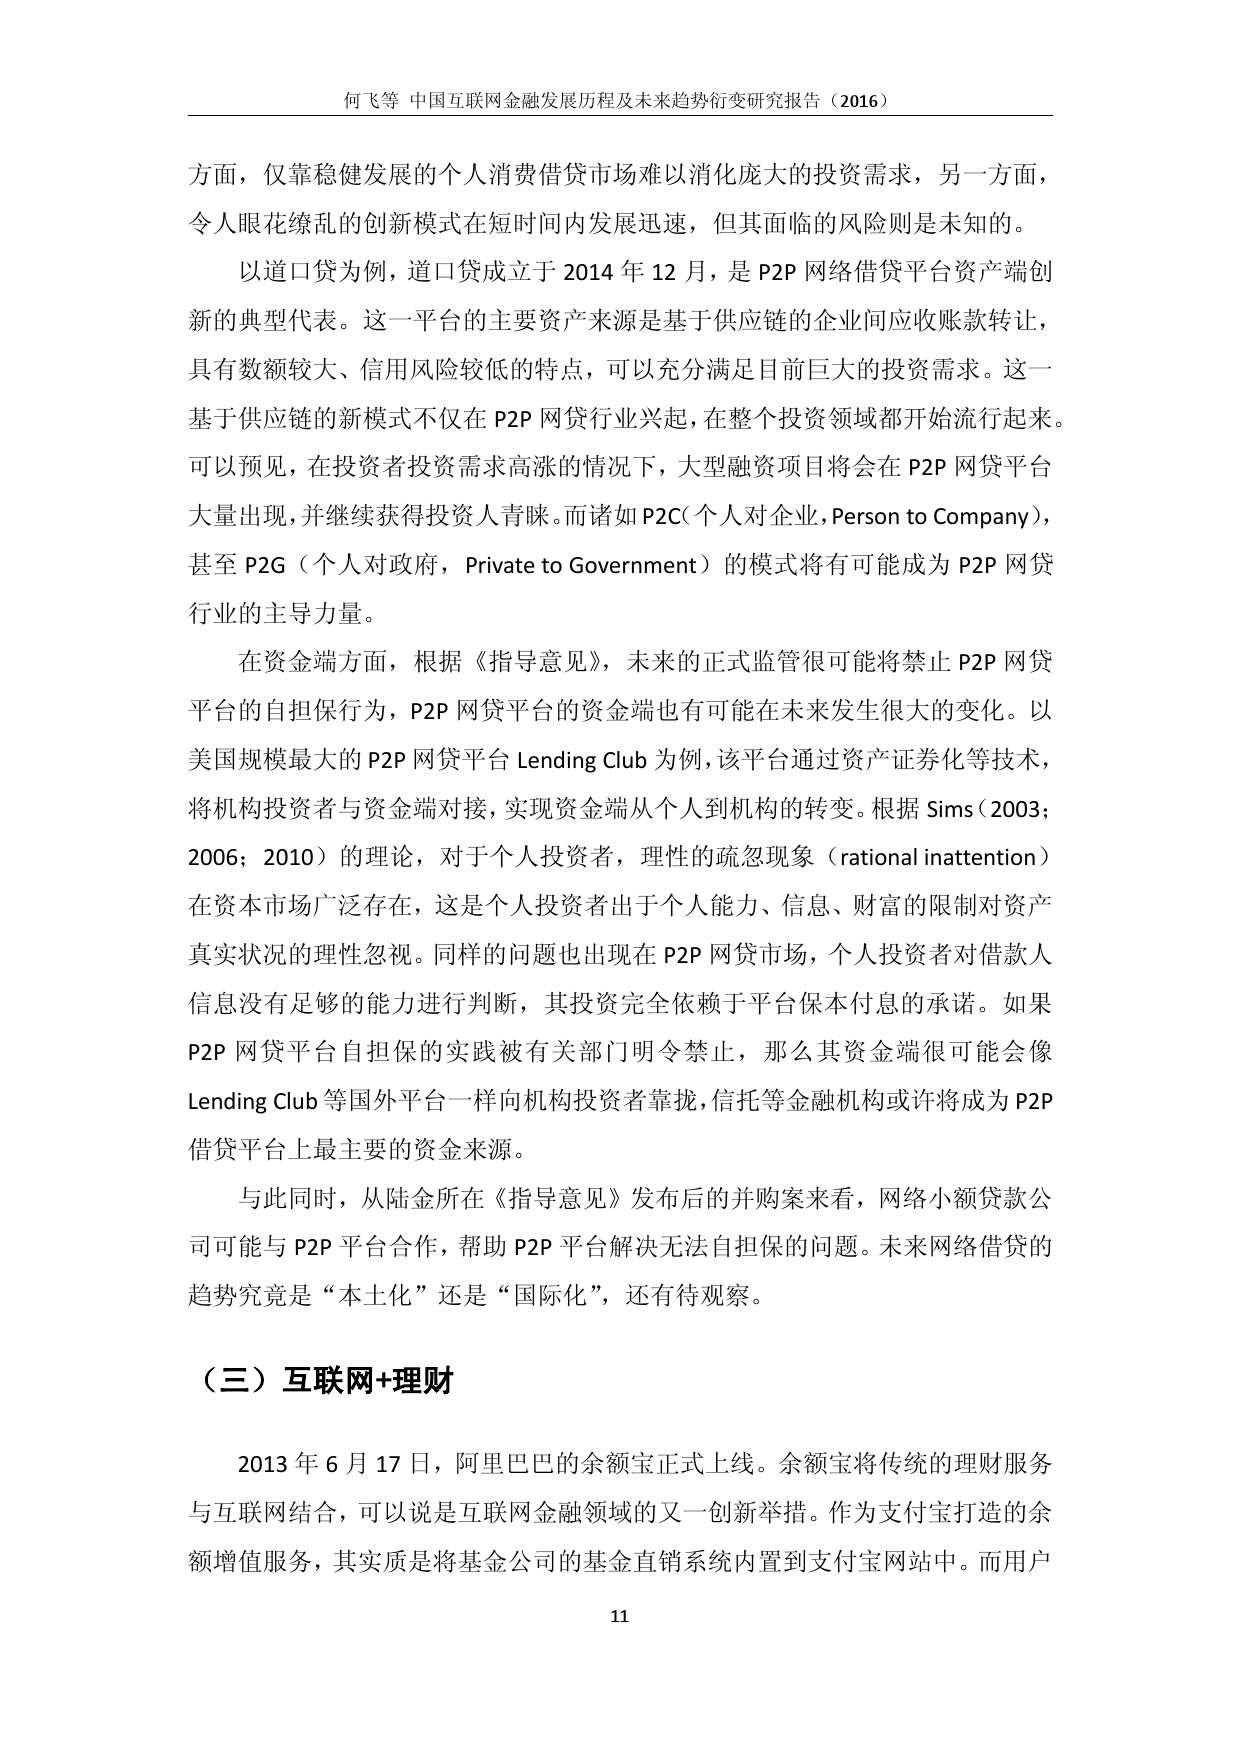 中国互联网金融发展历程及未来趋势衍变研究报告(2016)_000016